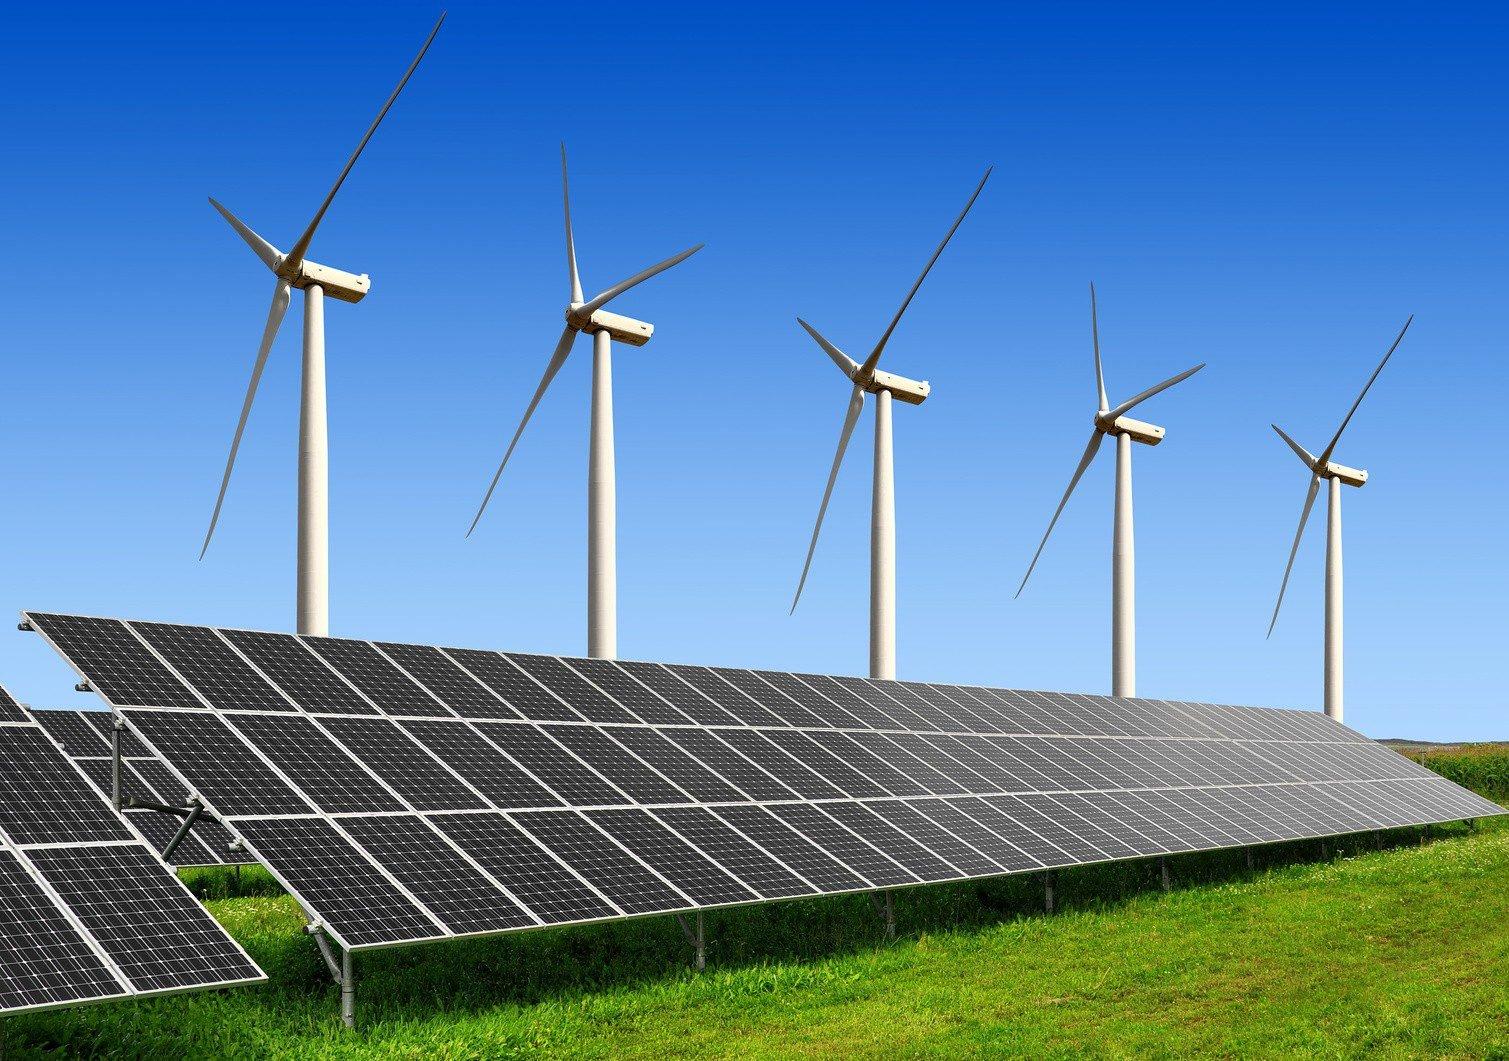 الطاقة الجديدة في الهند